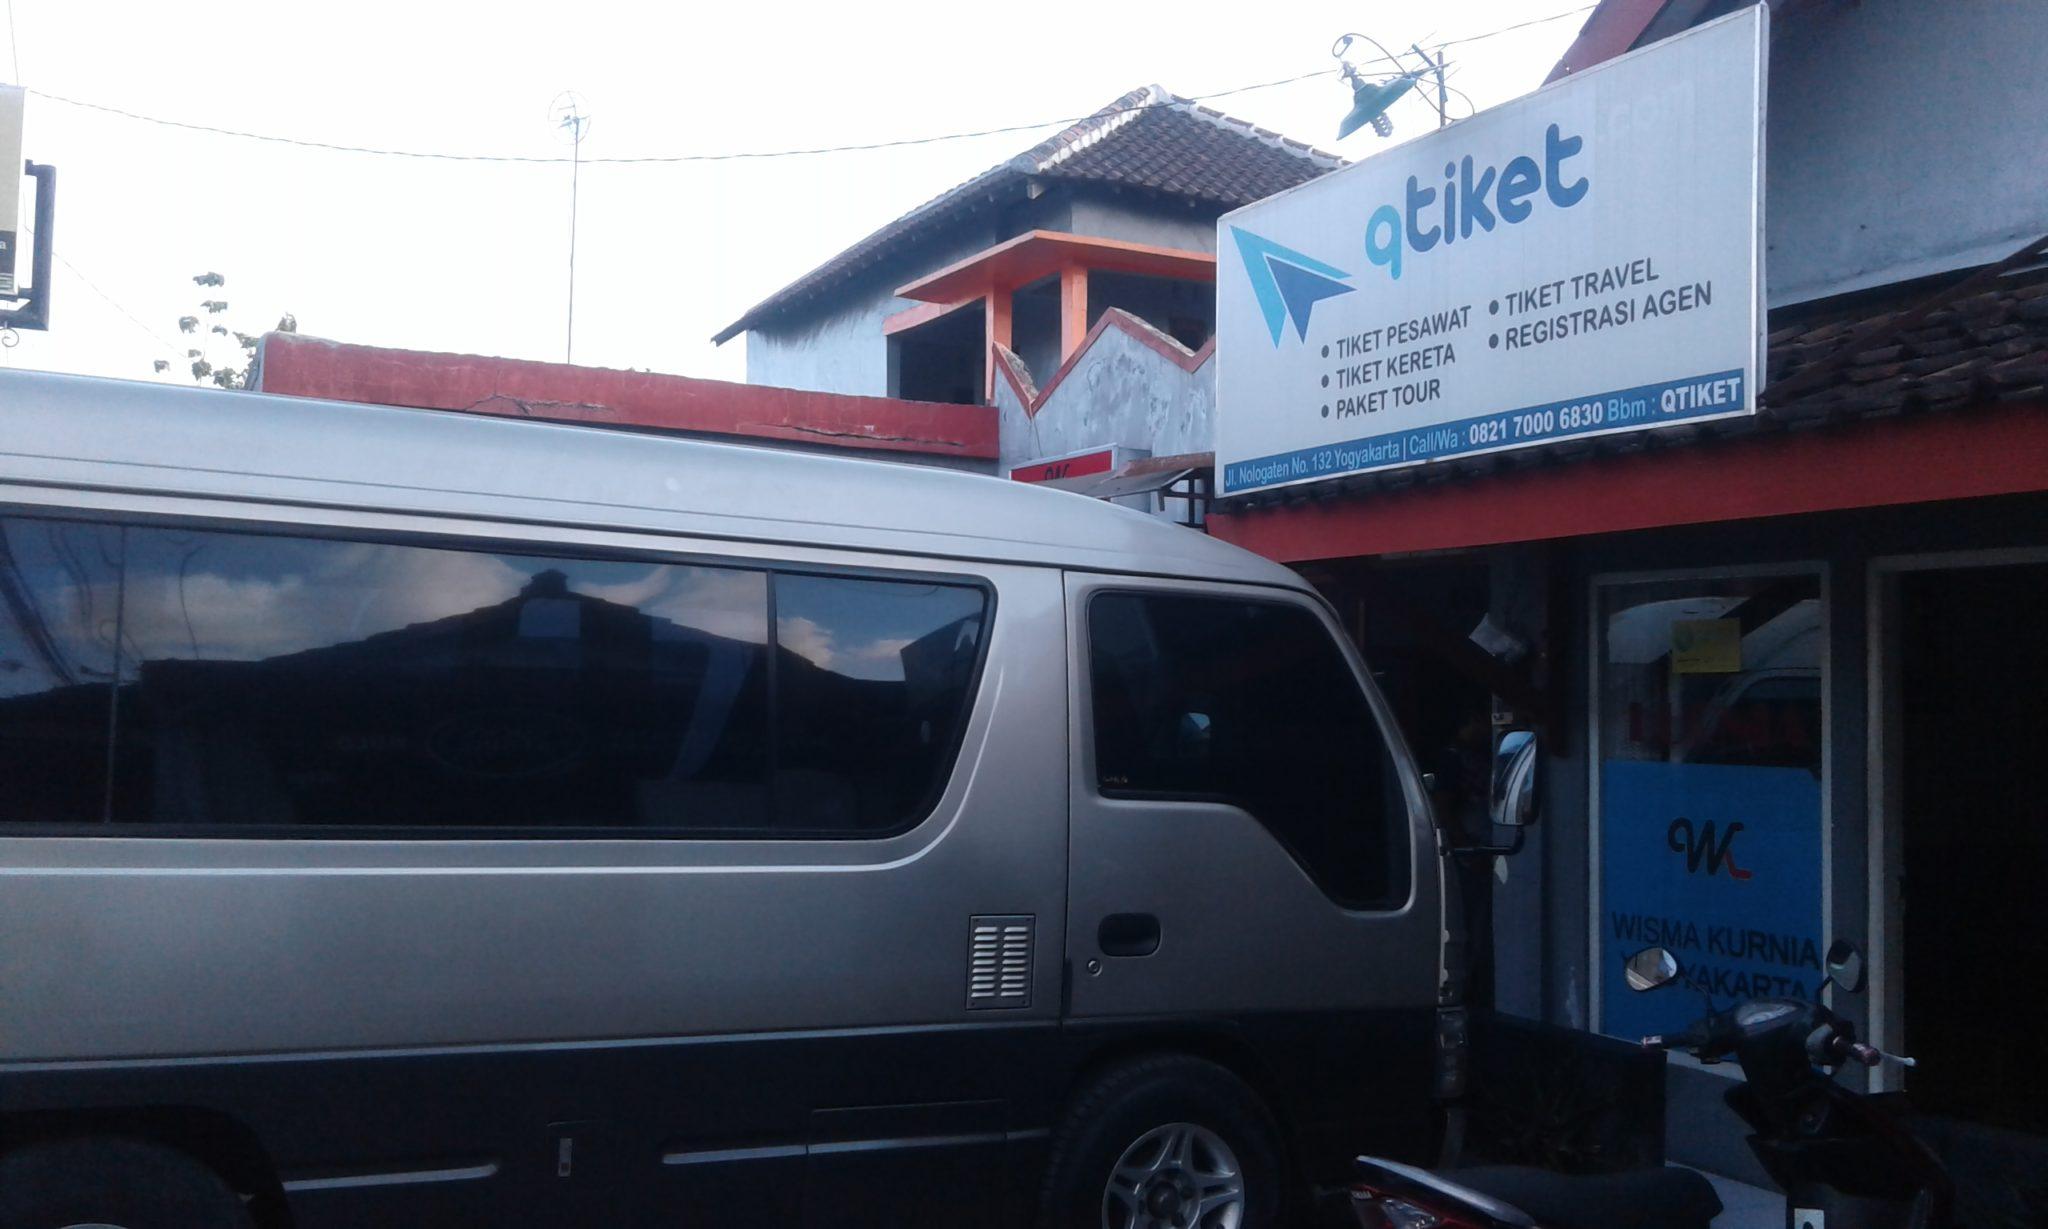 Agen travel Yogyakarta